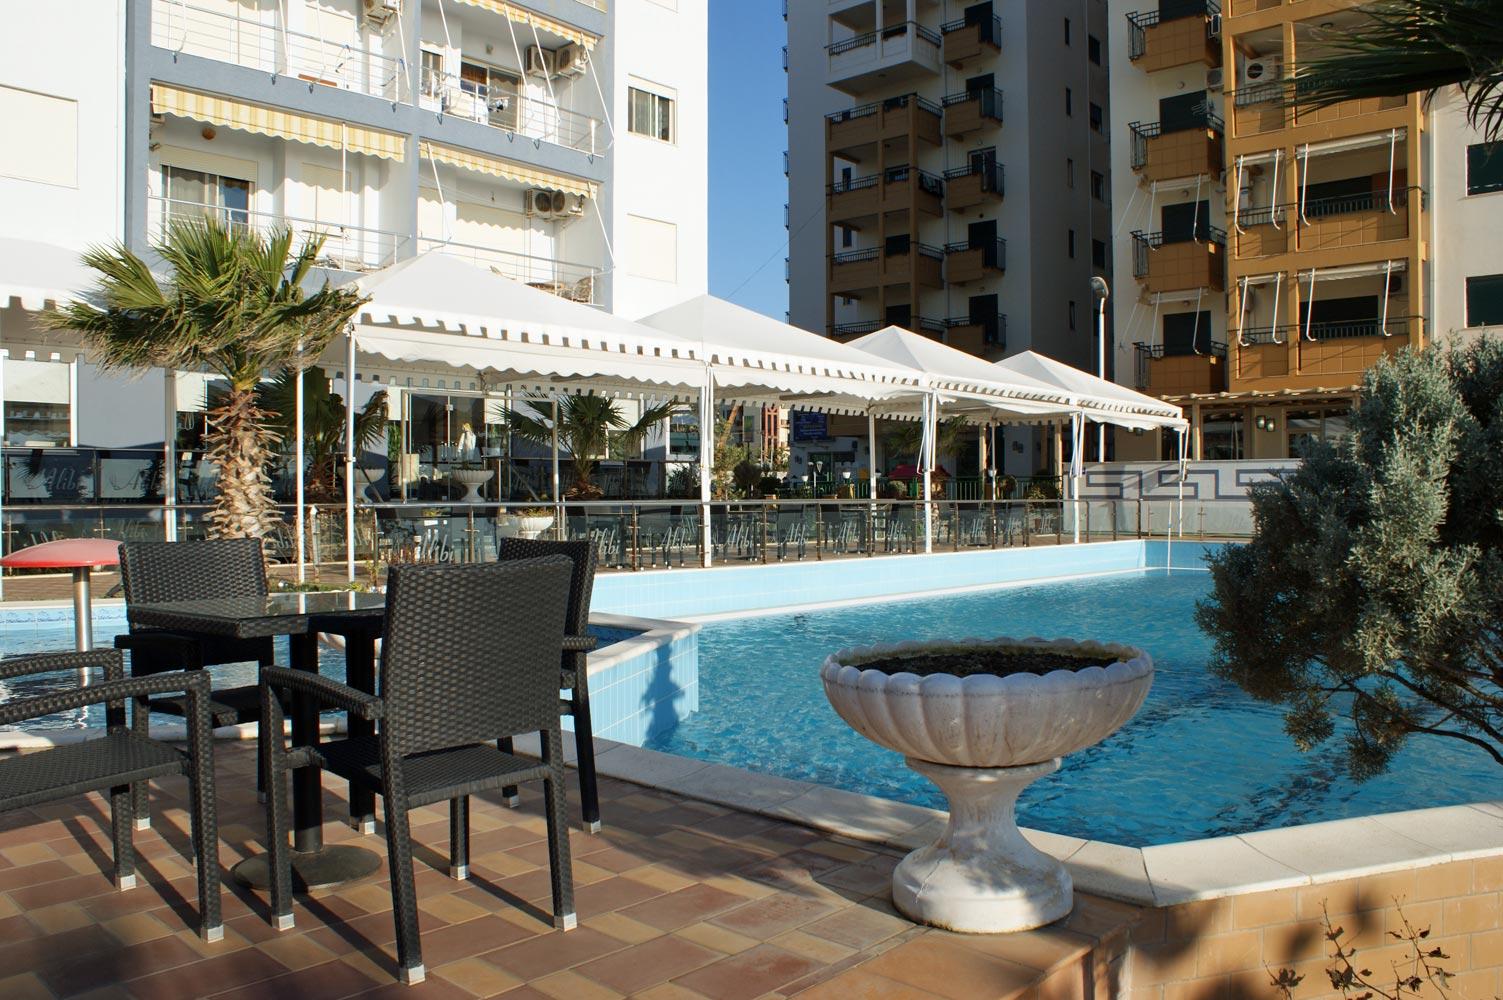 Durrës Plazh Hotelanlage